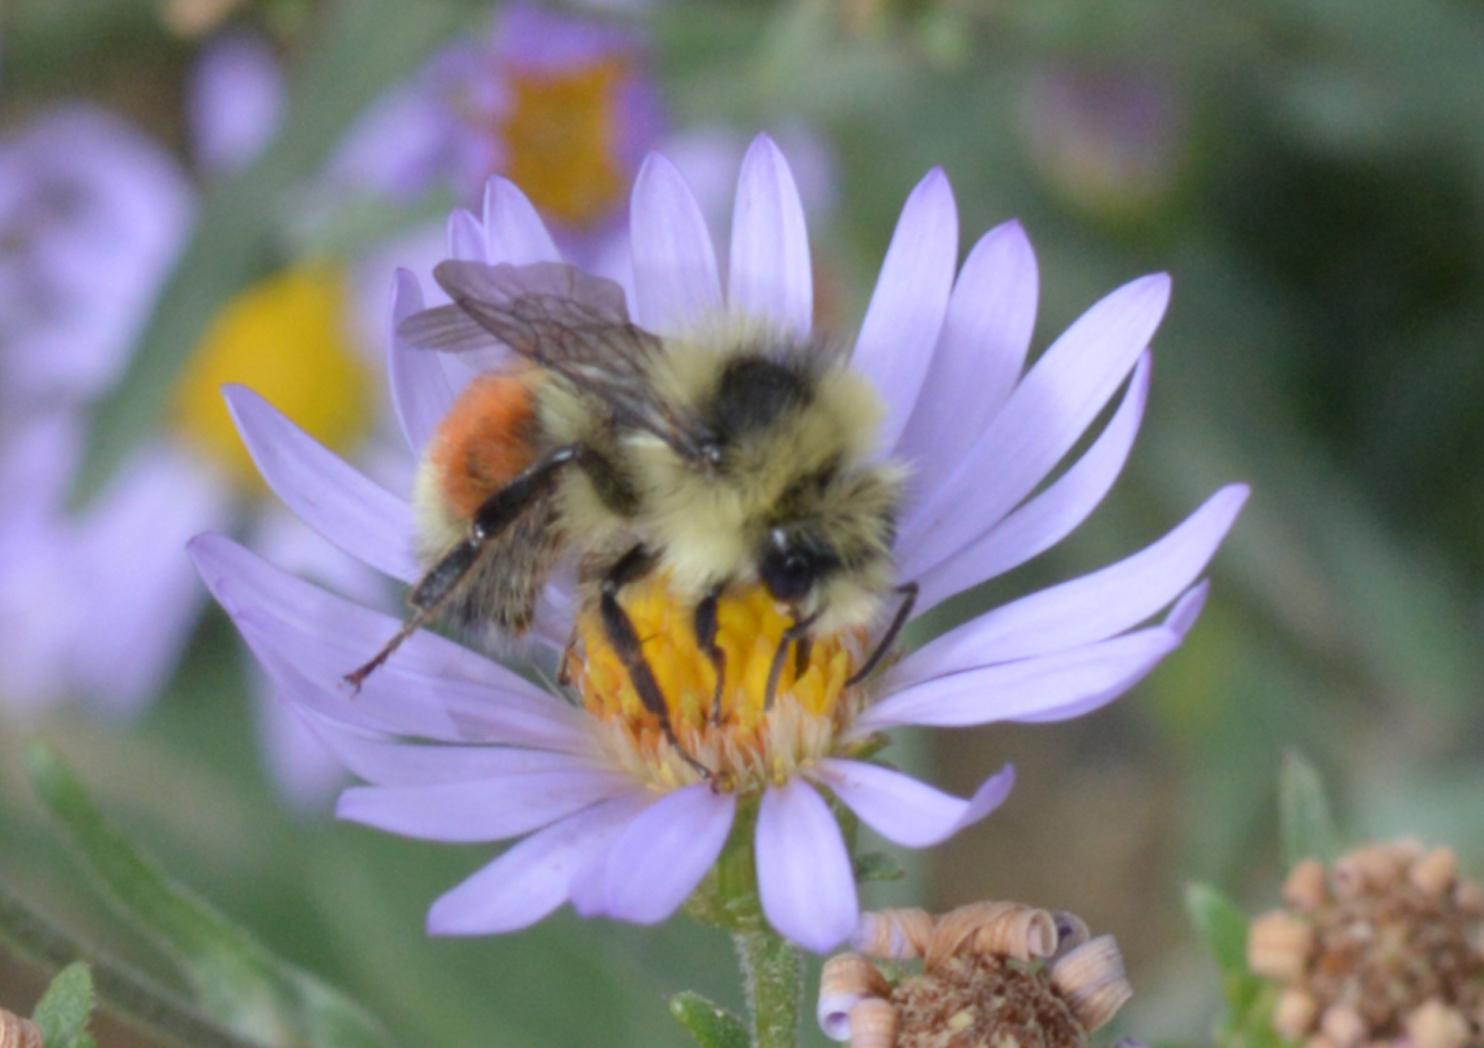 Wild bee Sucks Nectar from Blue Flower